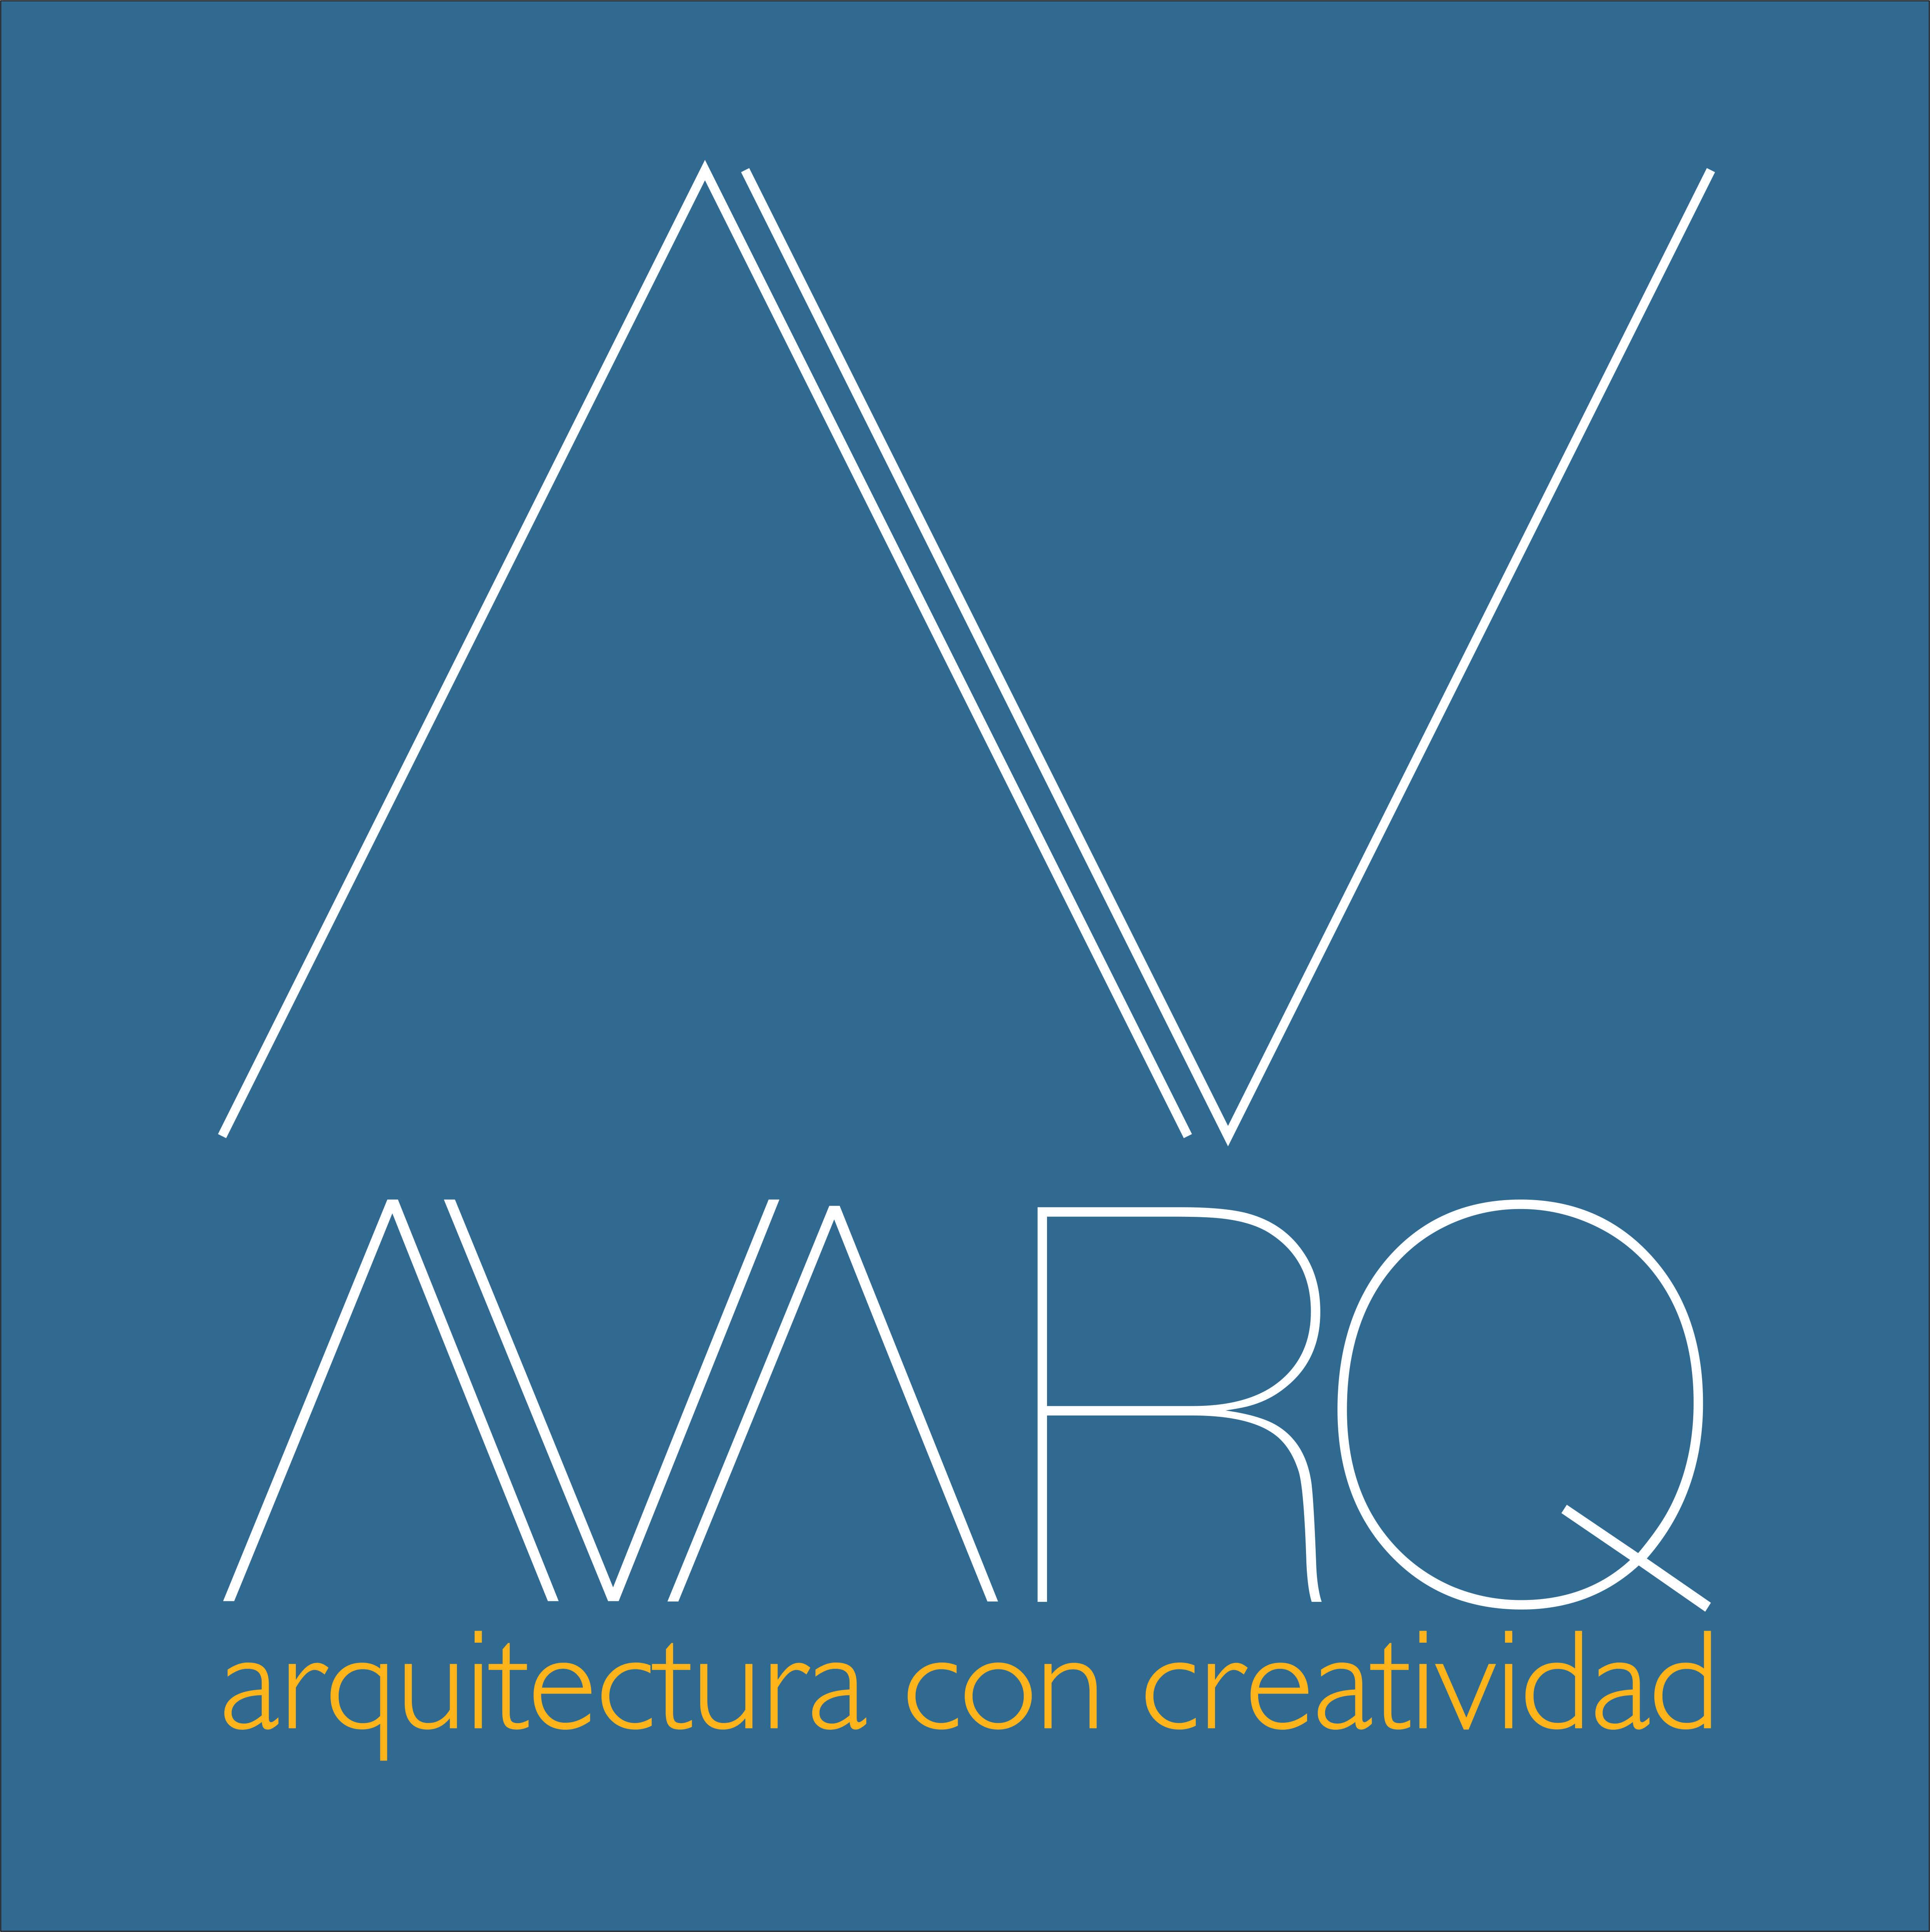 Avarq Arquitectura Con Creatividad